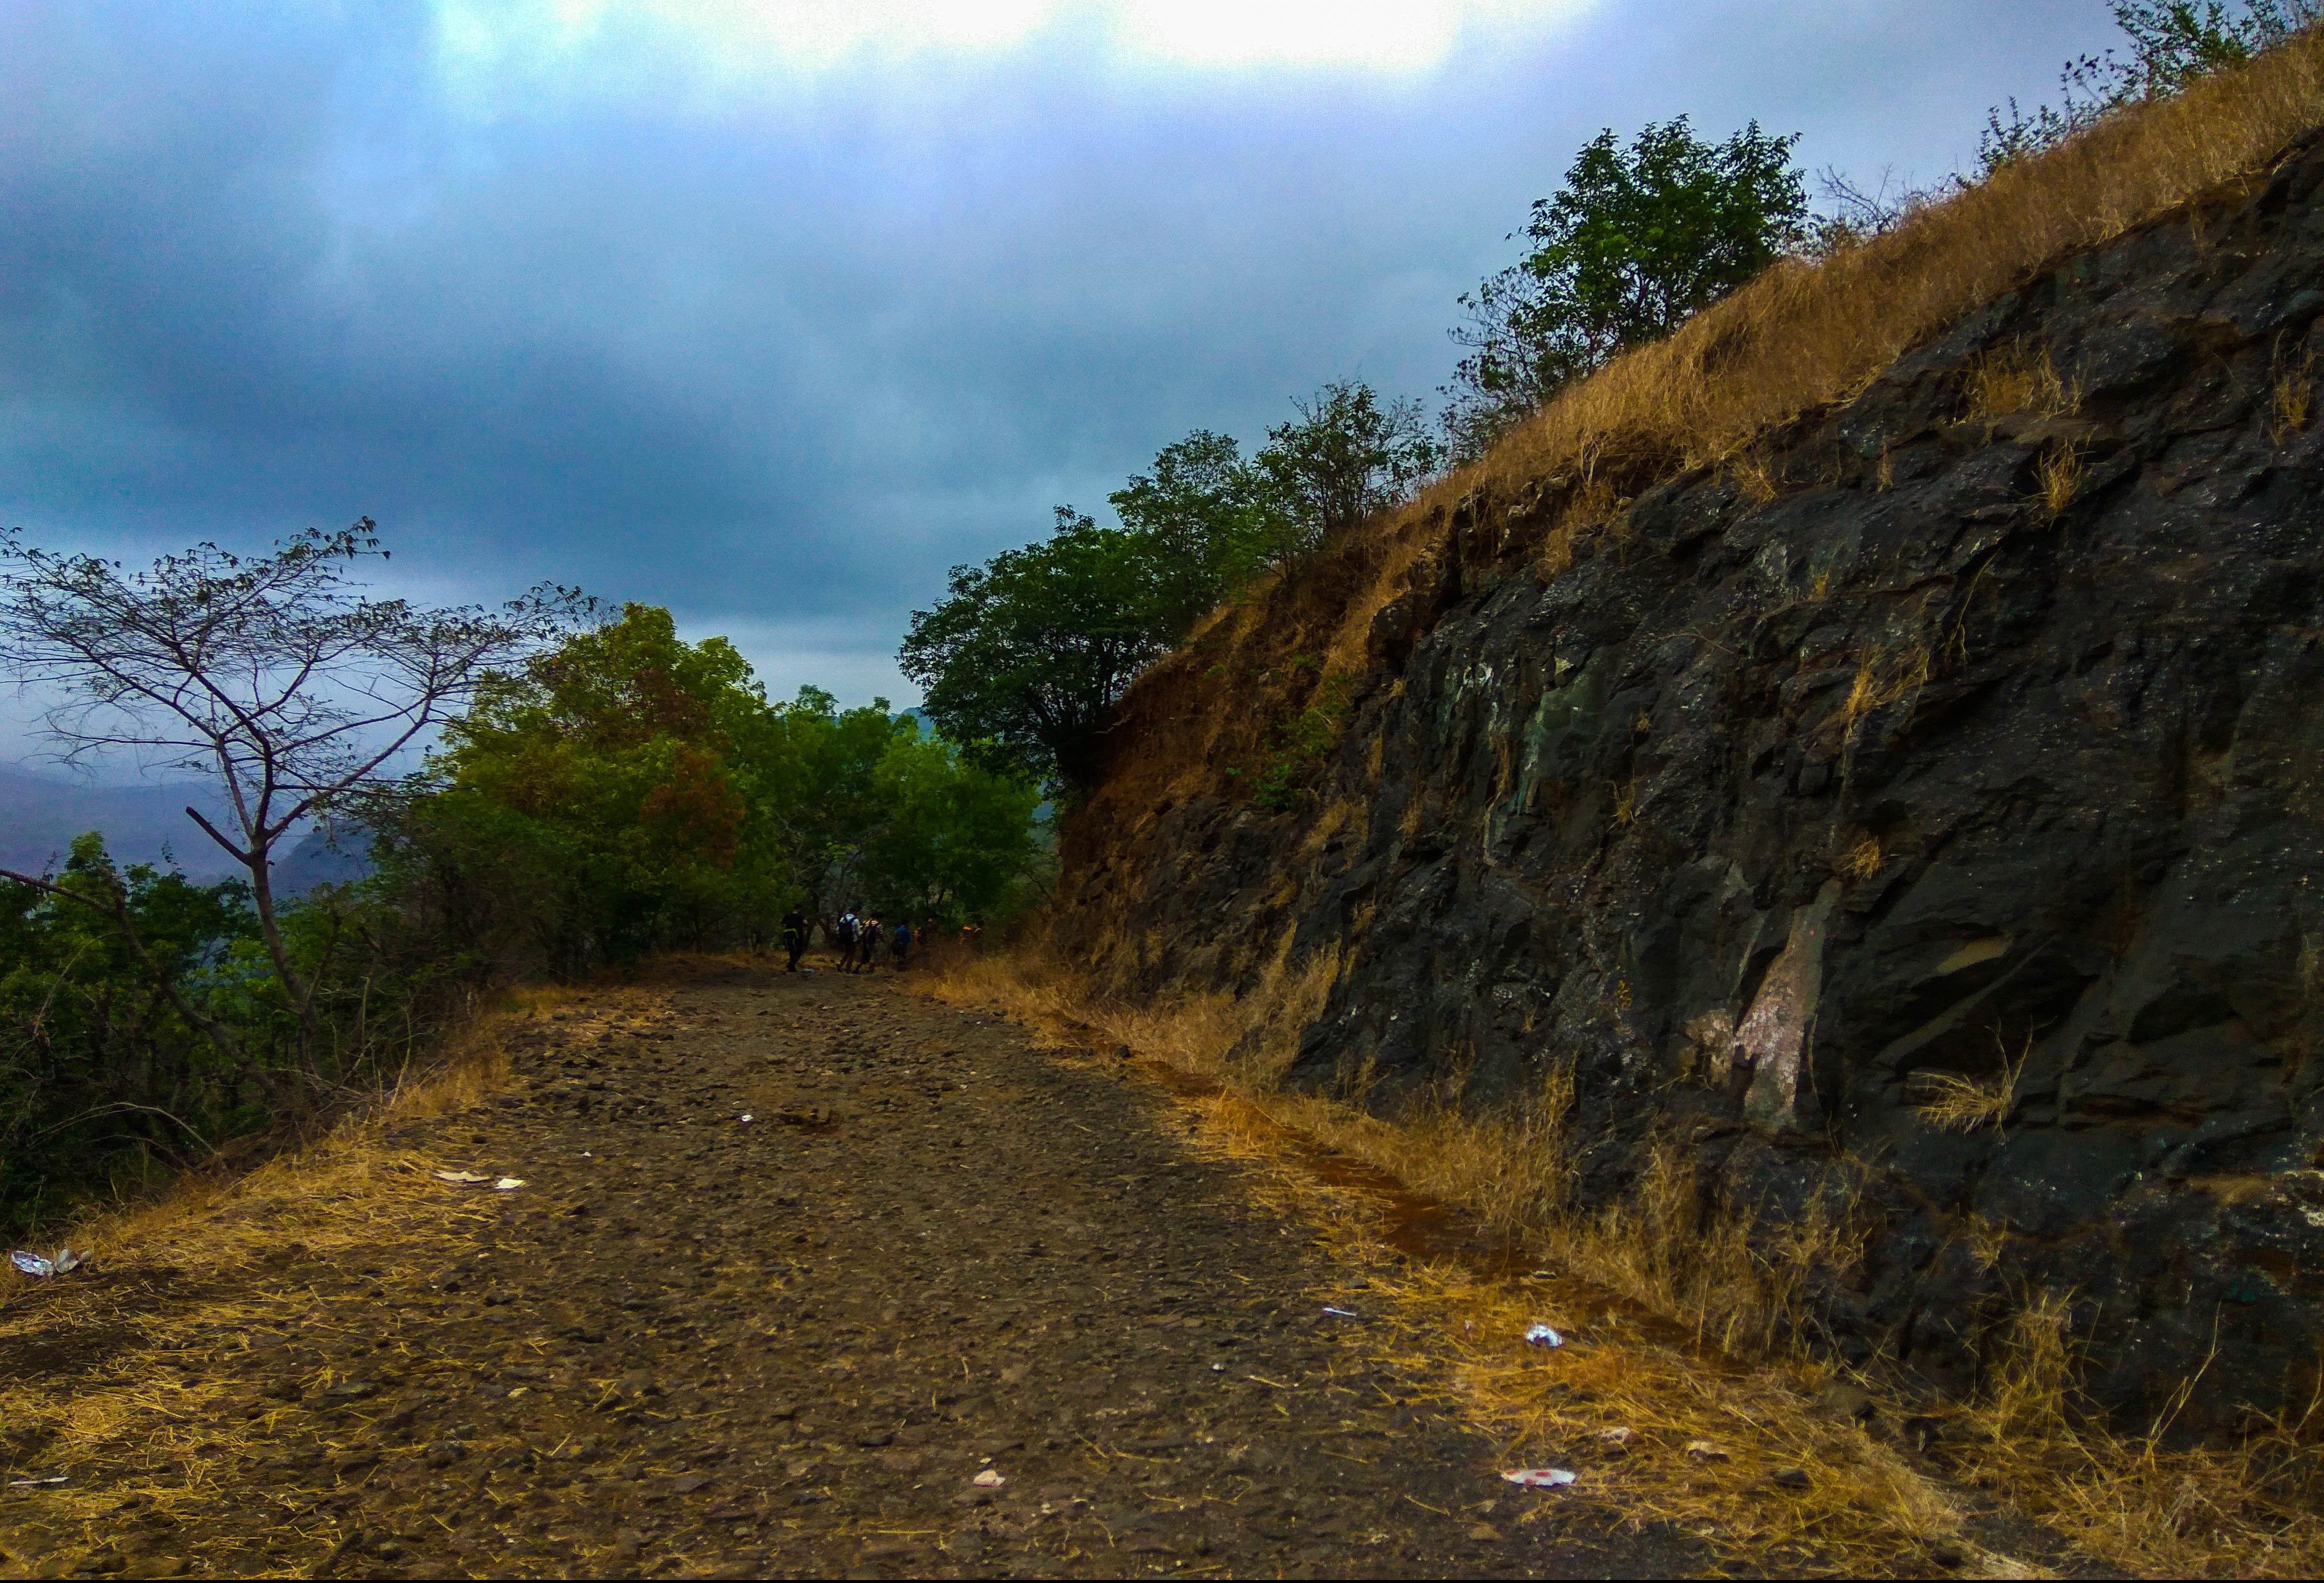 Rajmachi via lonavala